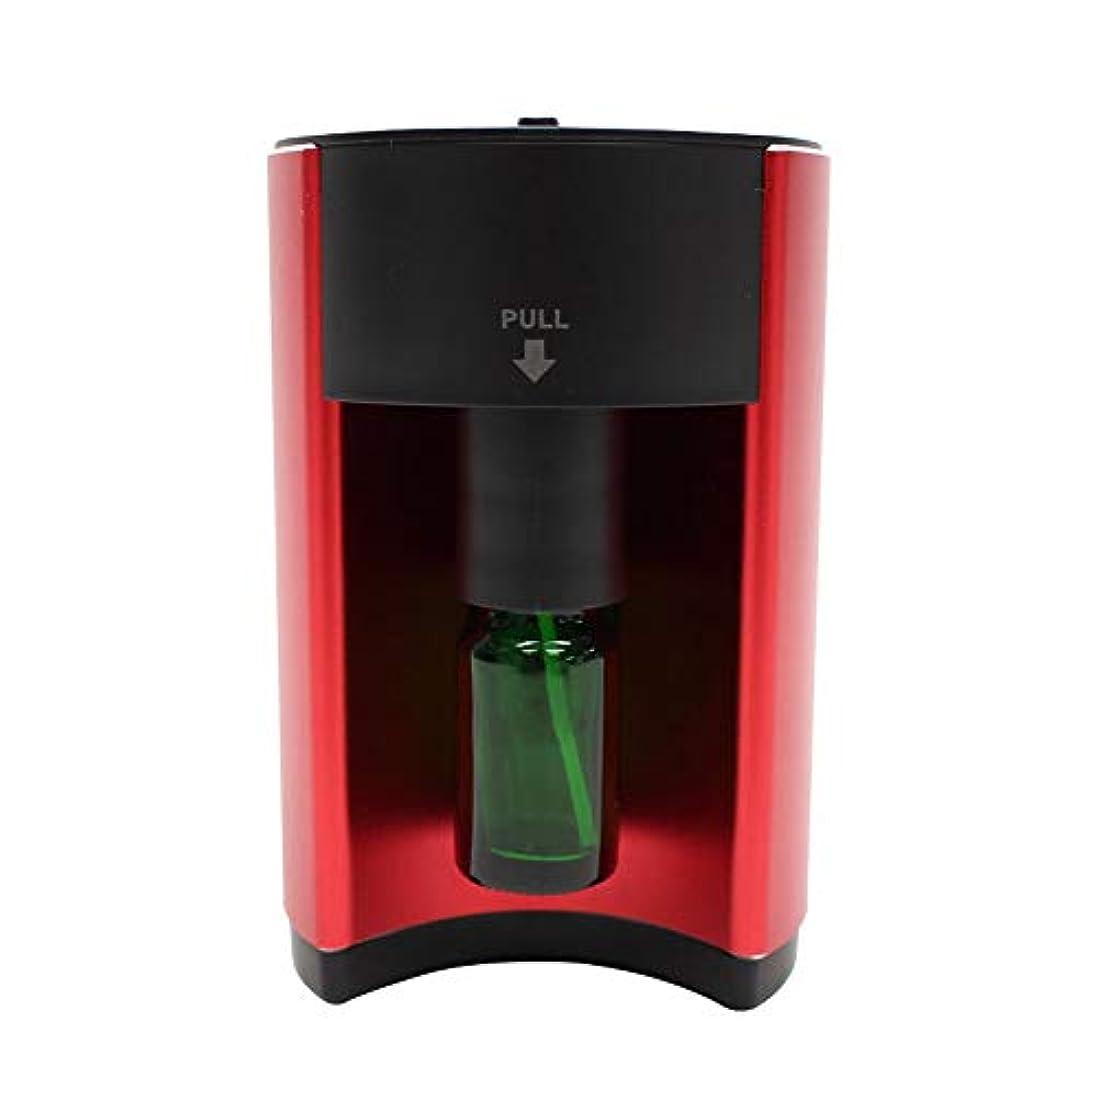 アロマディフューザー 噴霧式 自動停止 16段階モード設定 ECOモード搭載 水を使わない ネブライザー式 コンパクト AC電源式 香り 癒し レッド